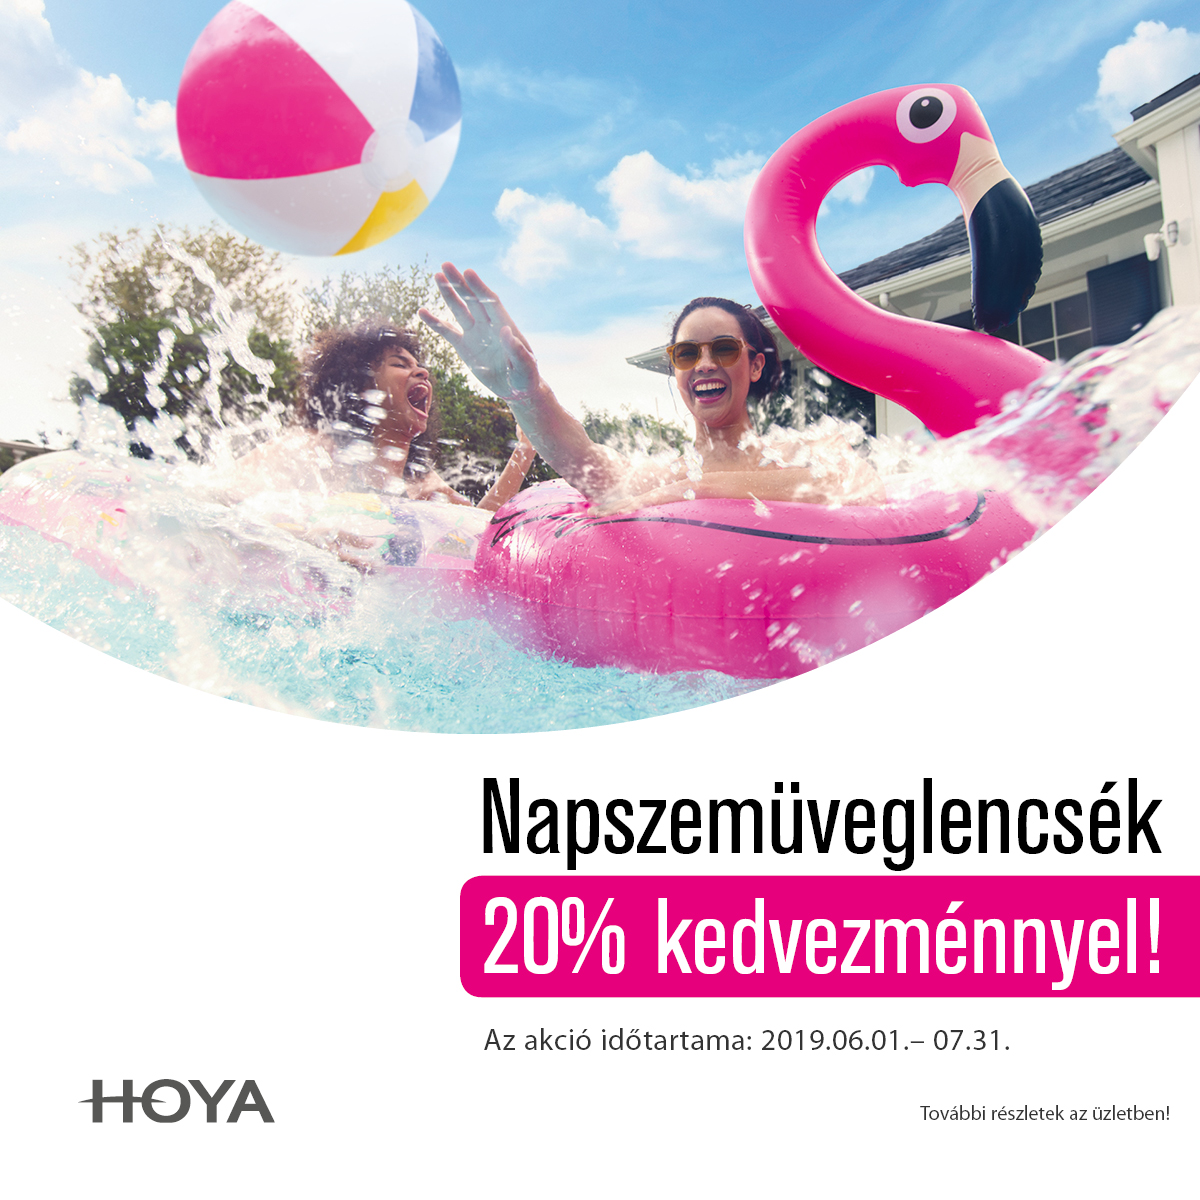 Hoya napszemüveglencsék 20% kedvezménnyel!